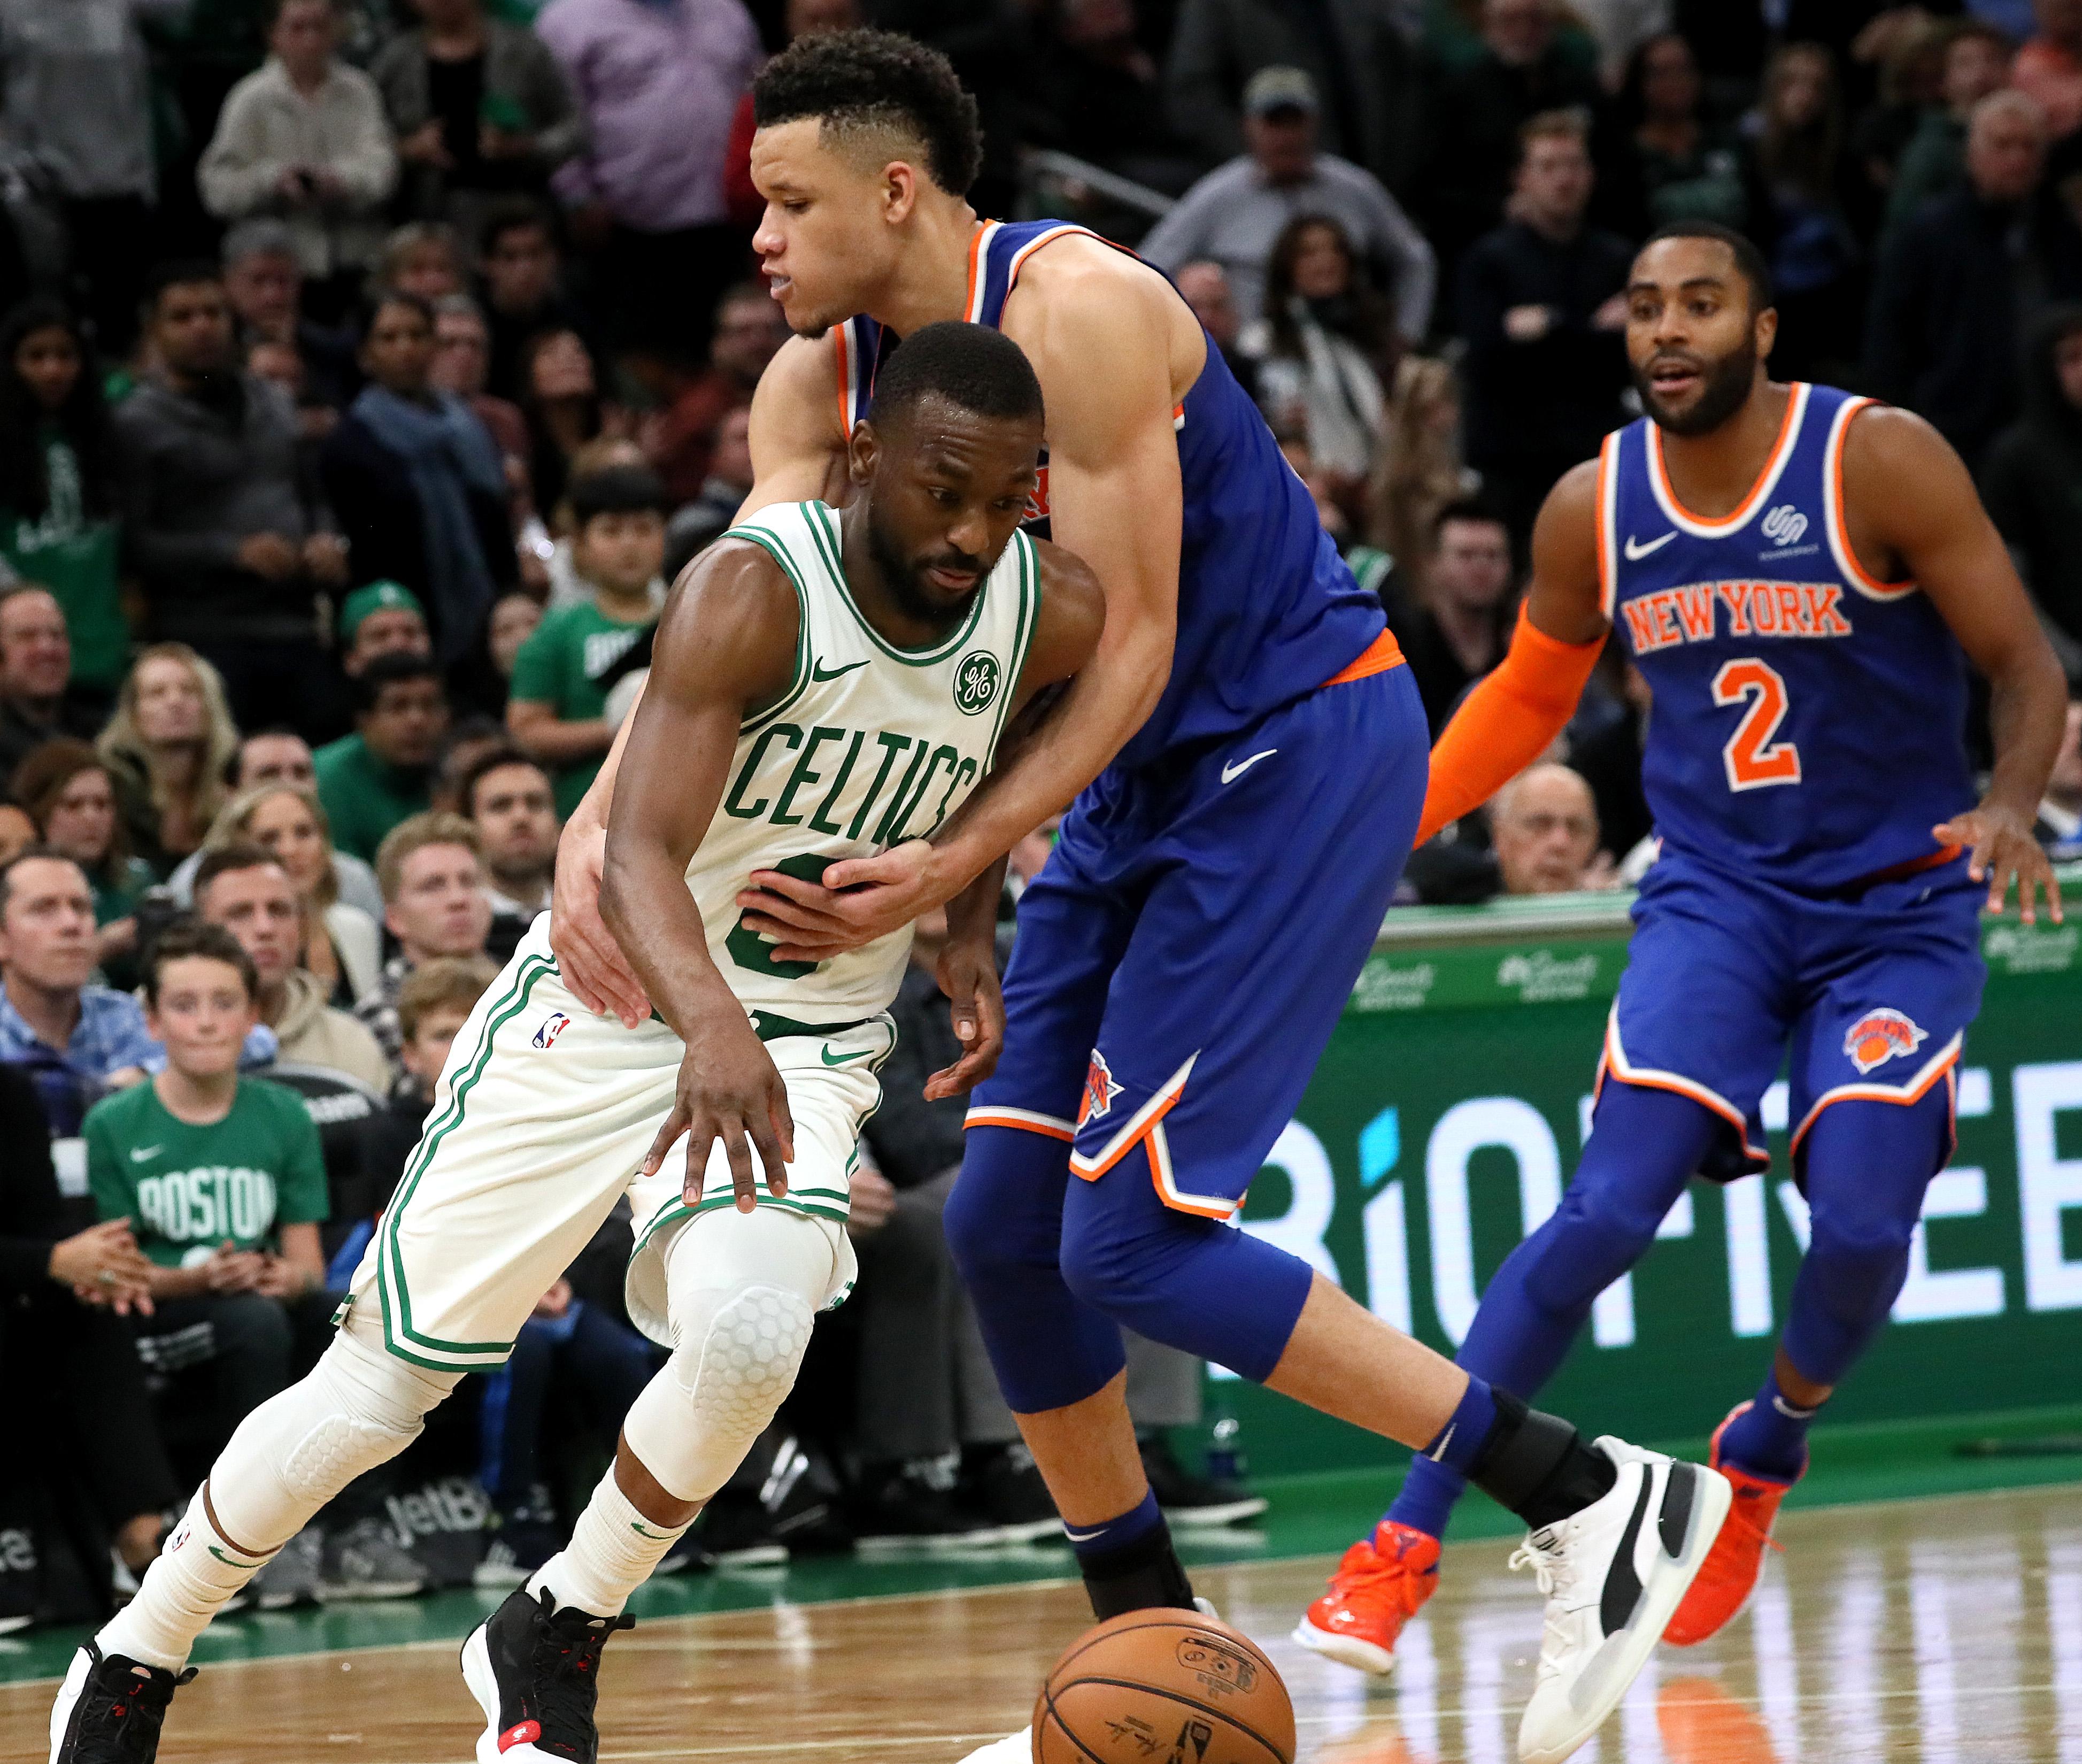 New York Knicks Vs Boston Celtics At TD Garden